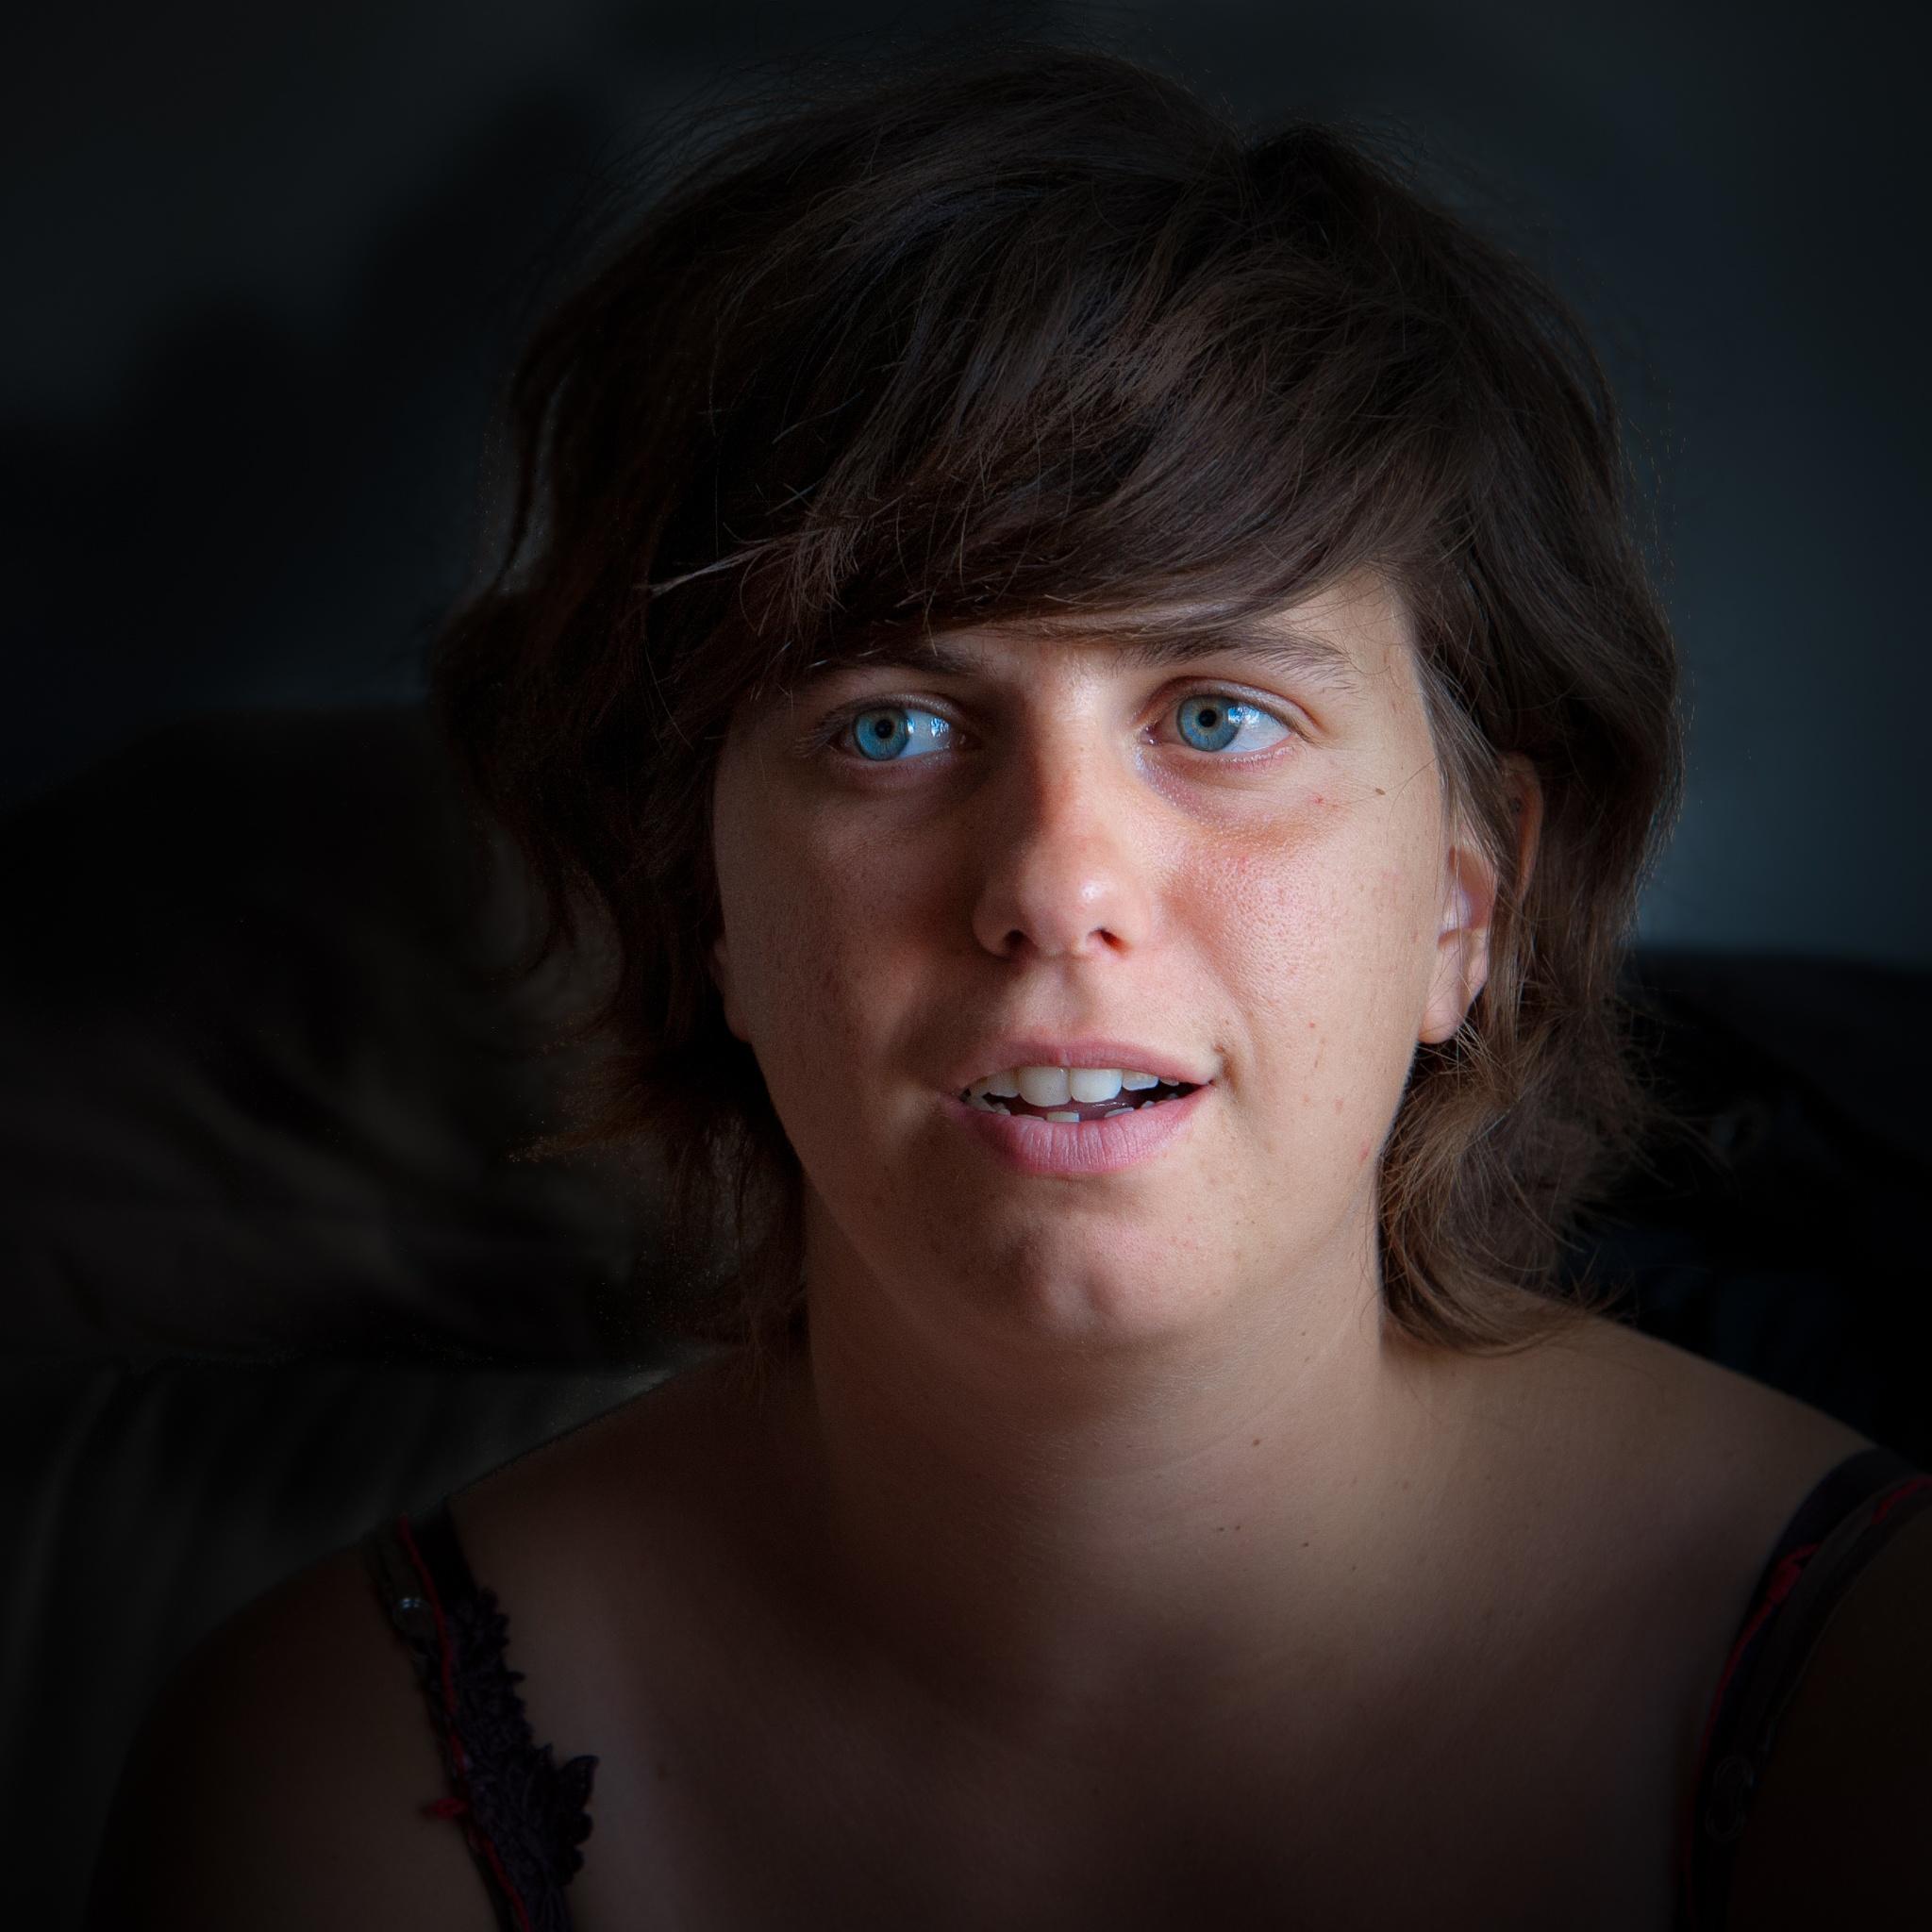 Chloe's eyes by Brigitte SANEGRE